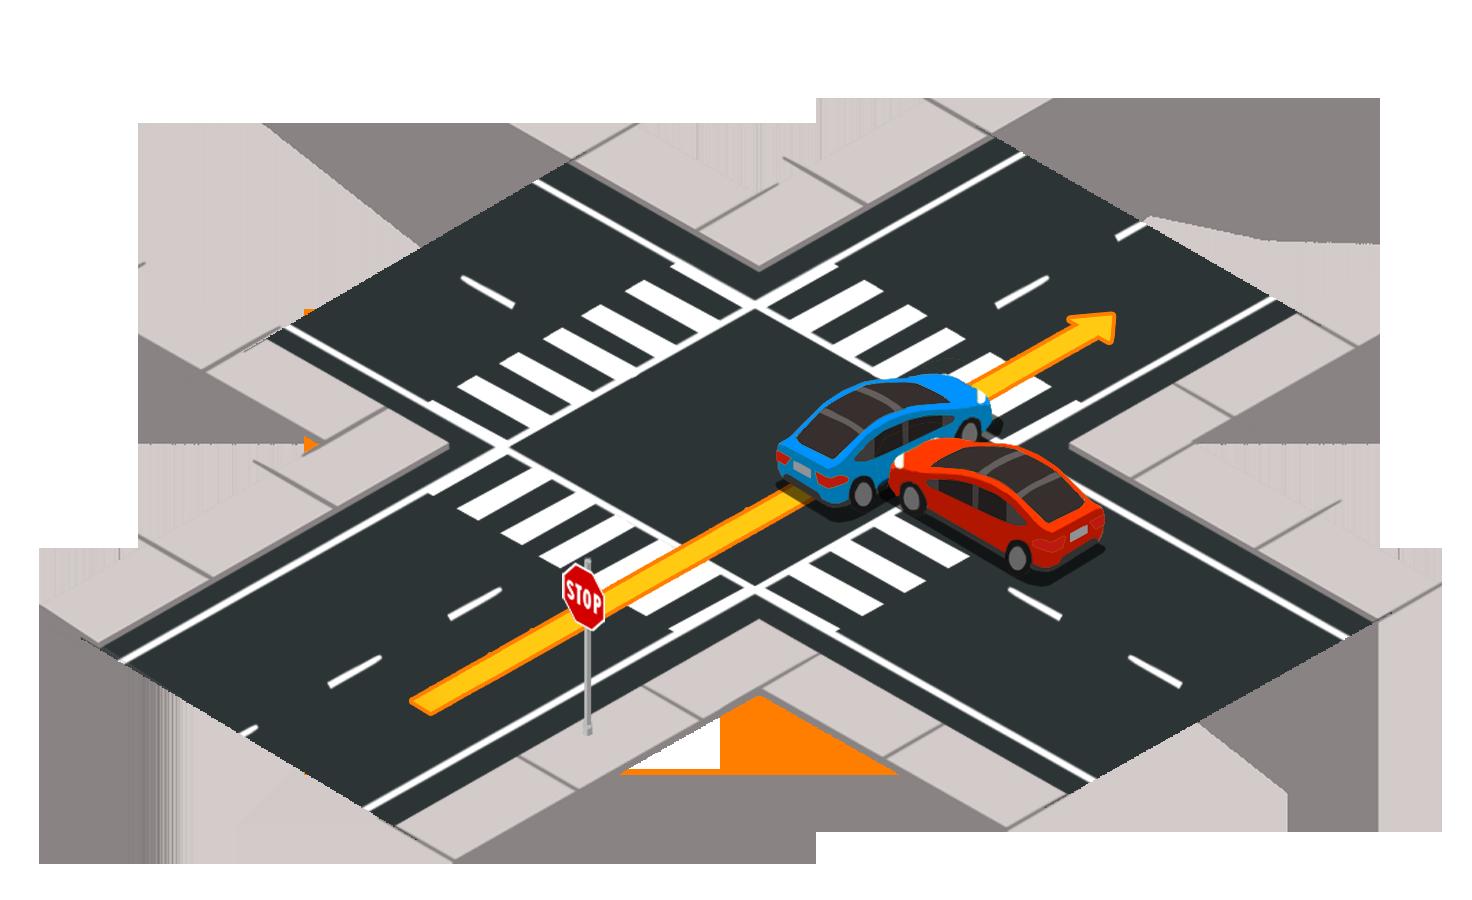 CARLA 0 9 2: Upgraded ROS-bridge, Traffic scenario engine